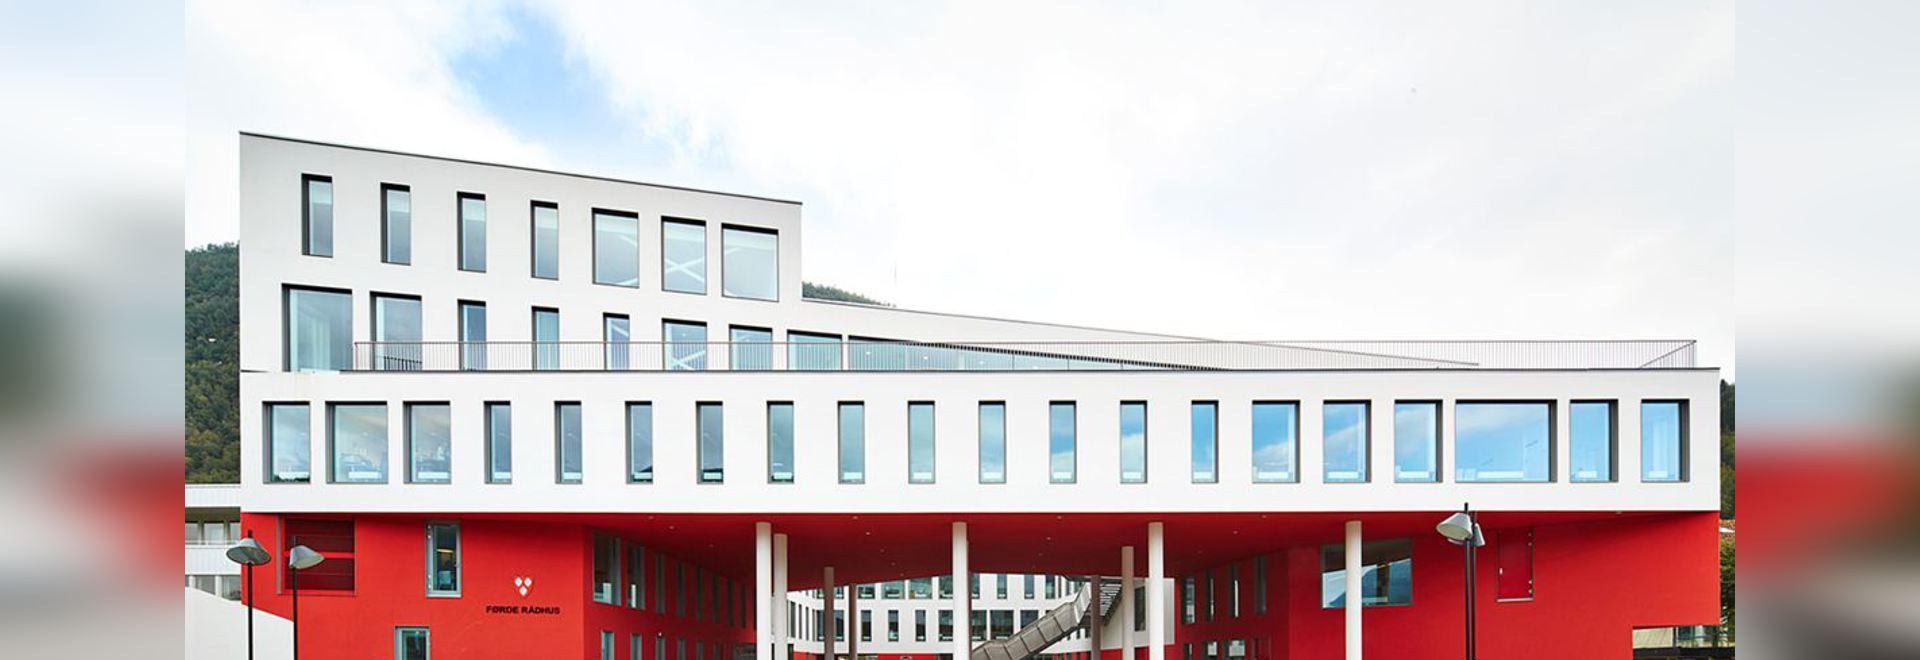 Førde city hall and plaza